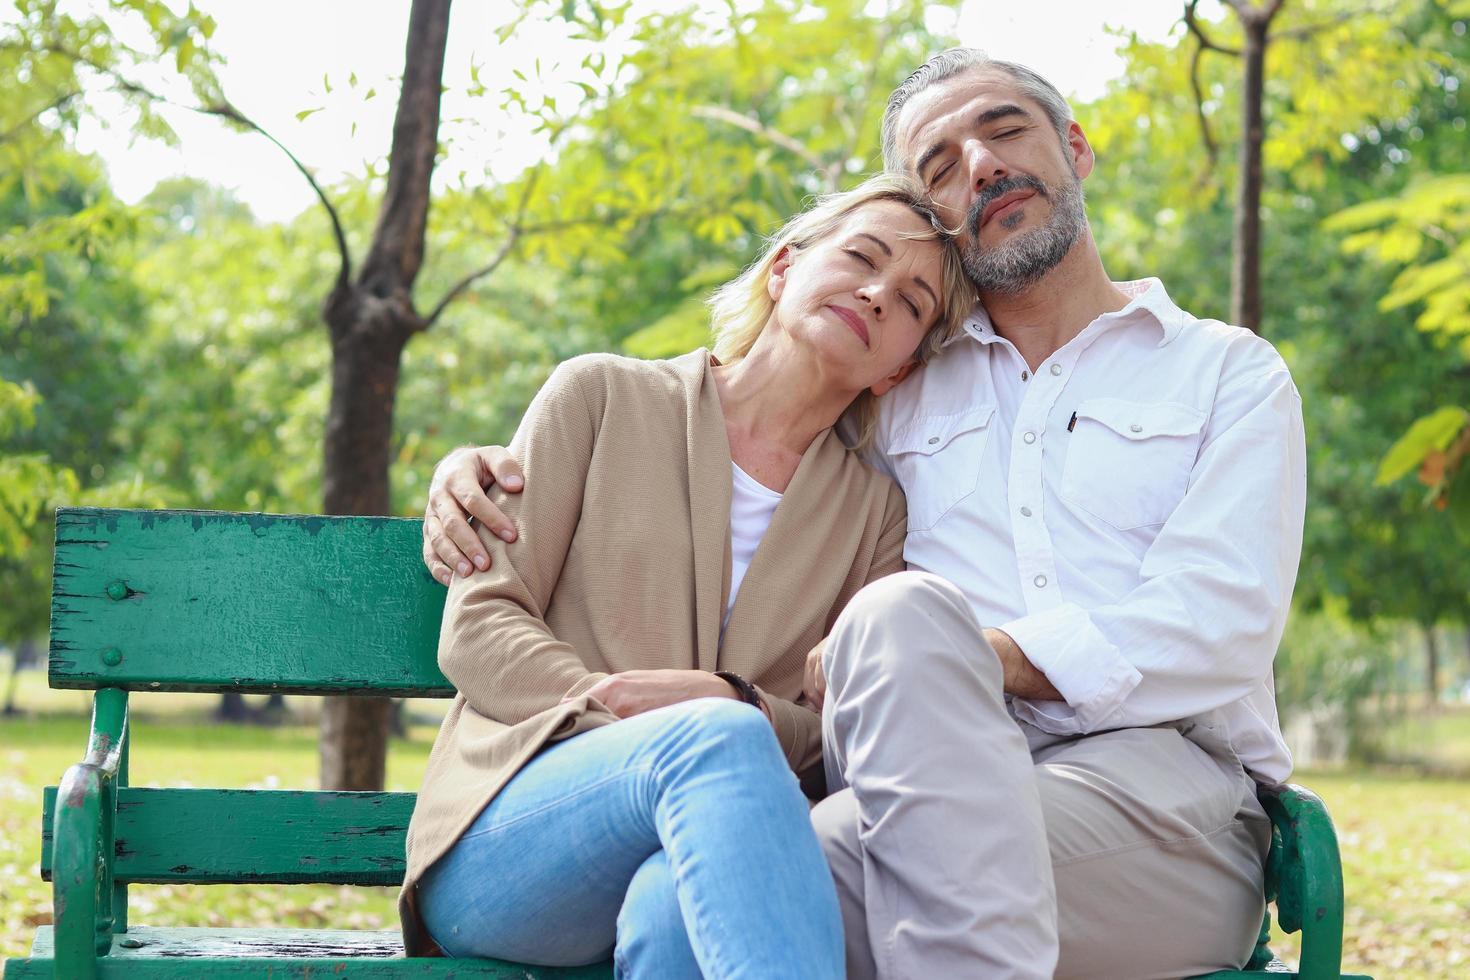 coppia rilassante sulla panchina del parco foto